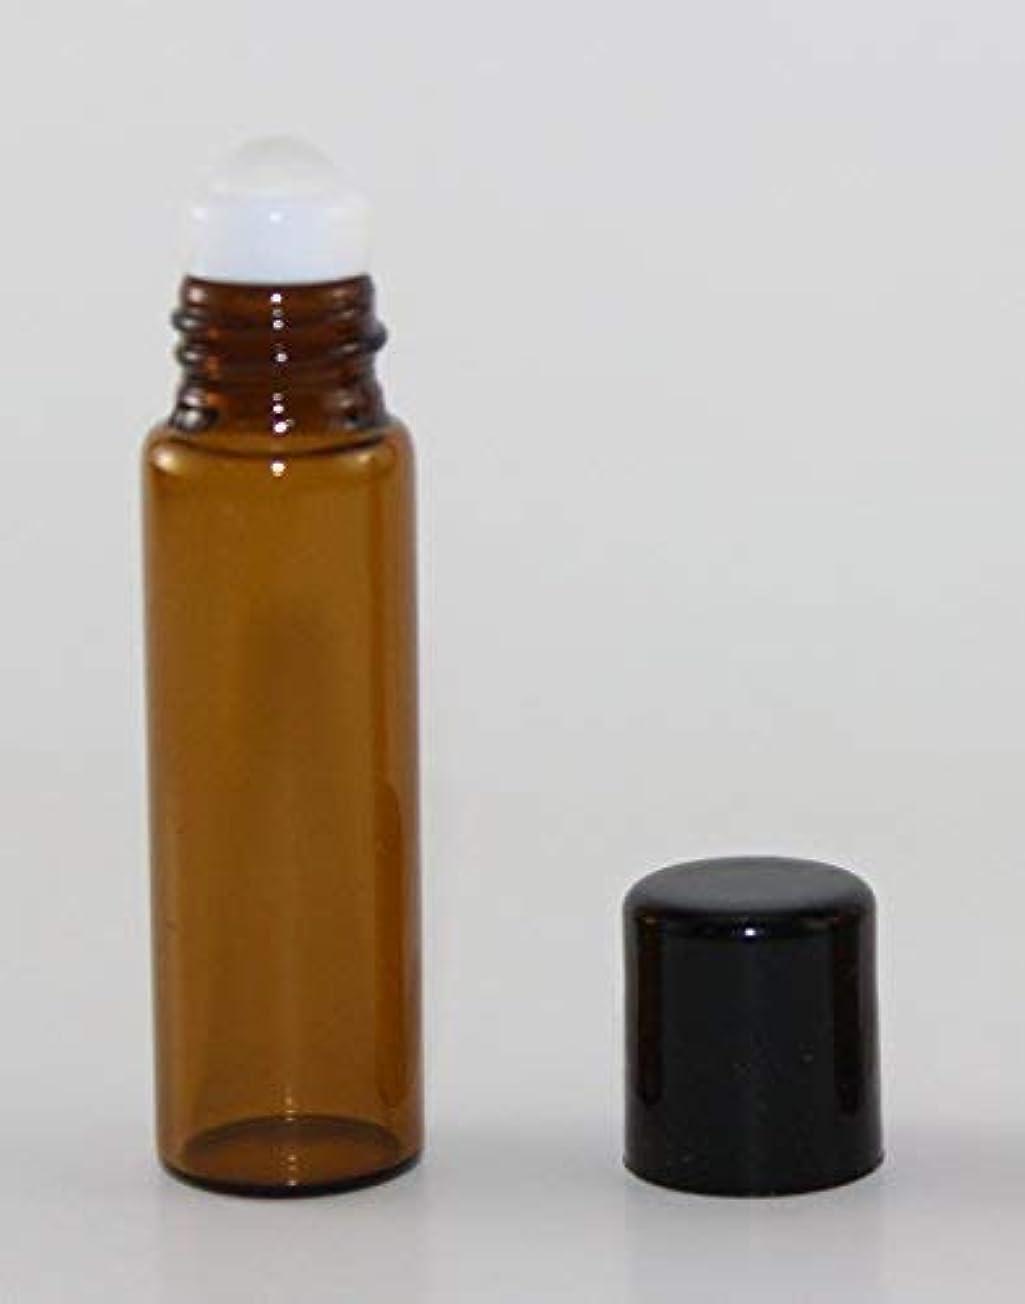 契約する保安道路を作るプロセスUSA 72 Amber Glass 5 ml Roll-On Glass Bottles with GLASS Roller Roll On Balls - Refillable Aromatherapy Essential...